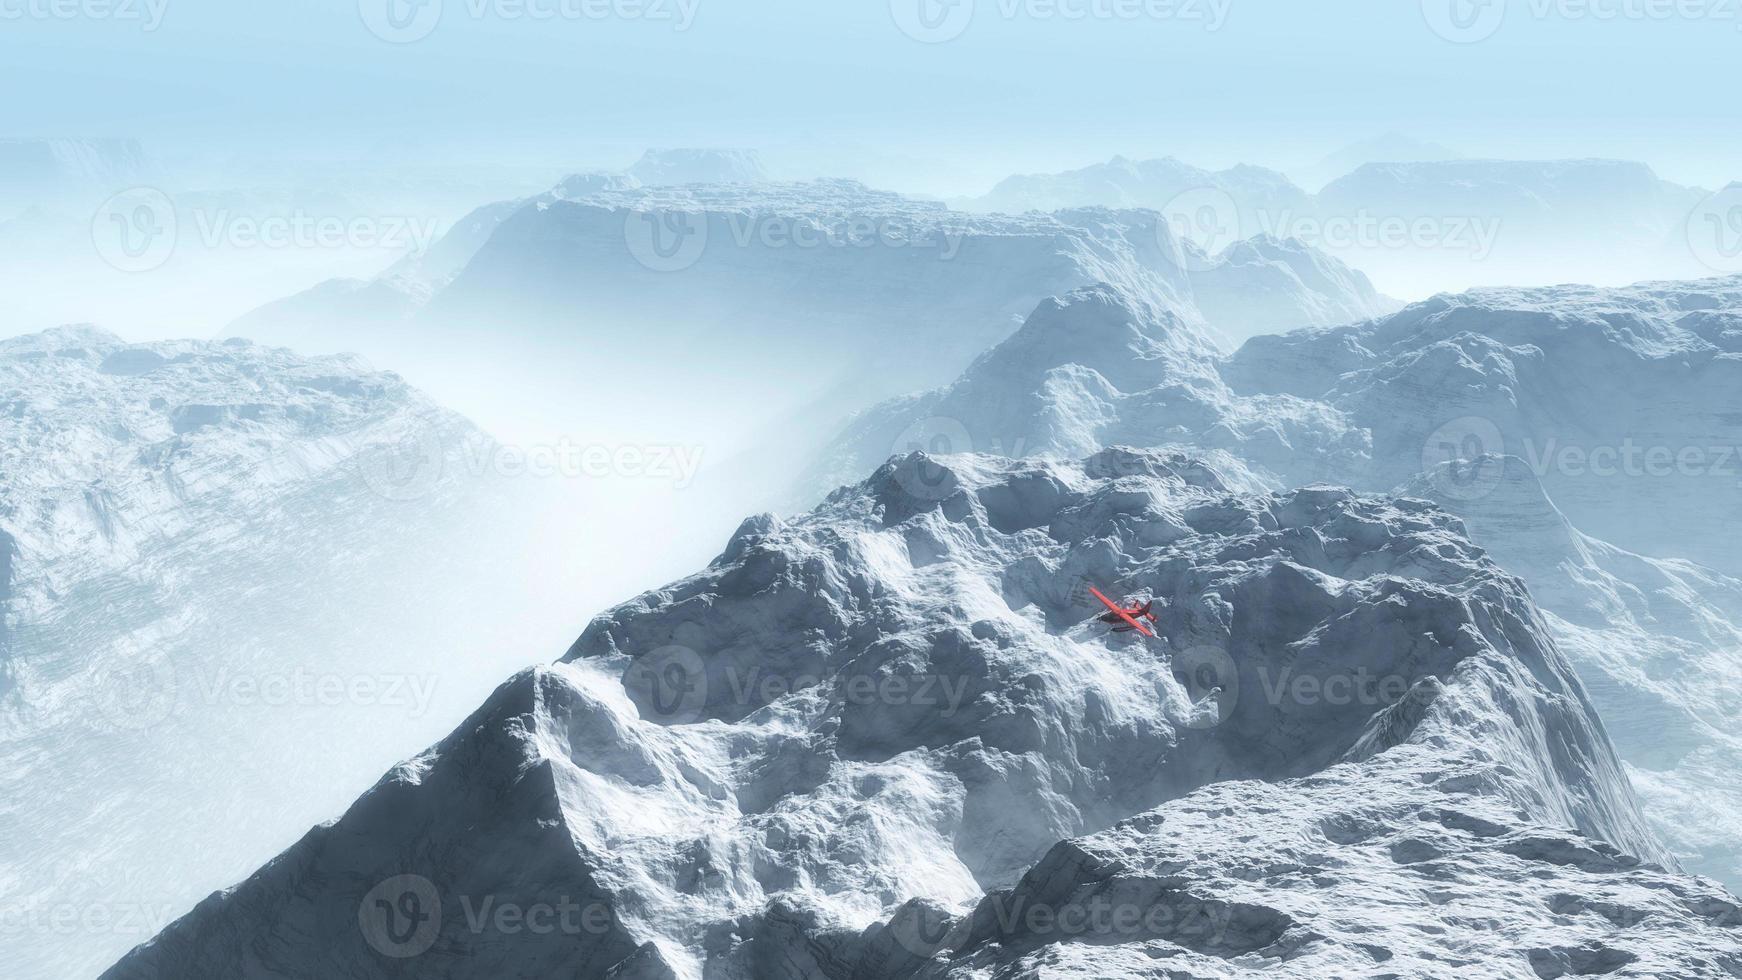 avião privado vermelho sobre a nebulosa paisagem montanhosa de inverno. foto